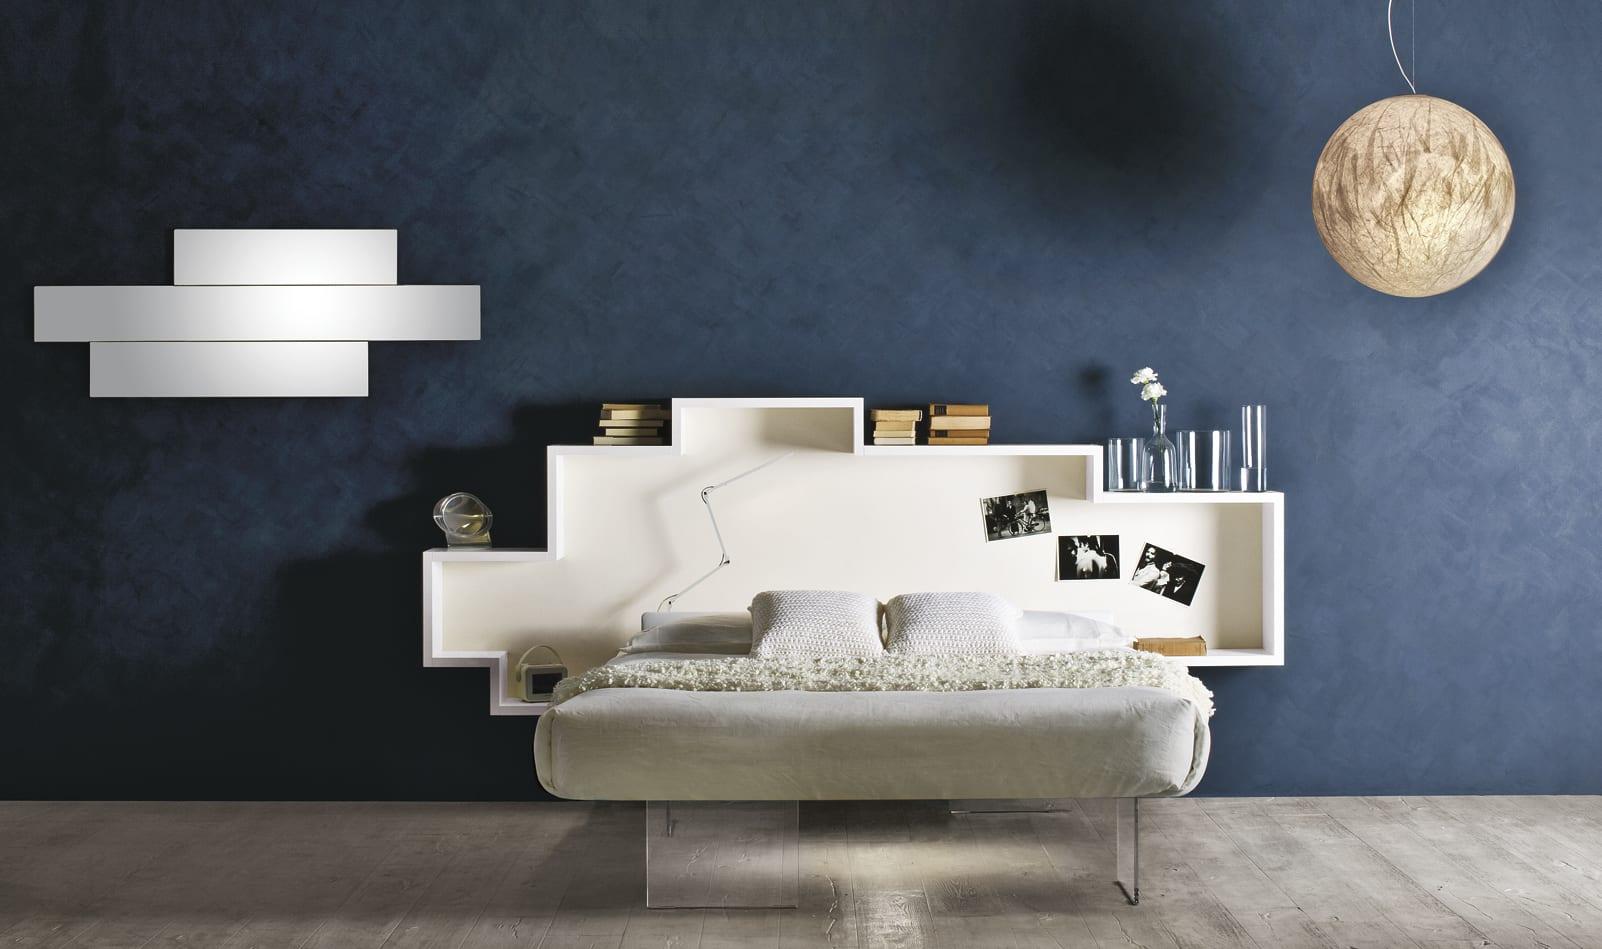 wohnung neu gestalten vorher nachher. Black Bedroom Furniture Sets. Home Design Ideas